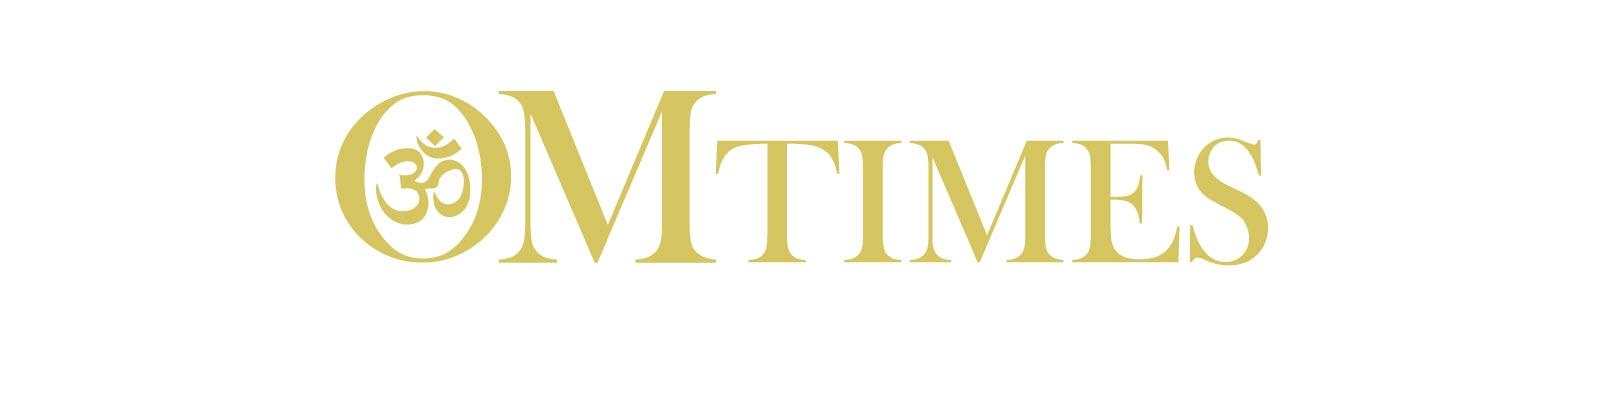 OMTimes-logo_podcast_1600x570.jpg